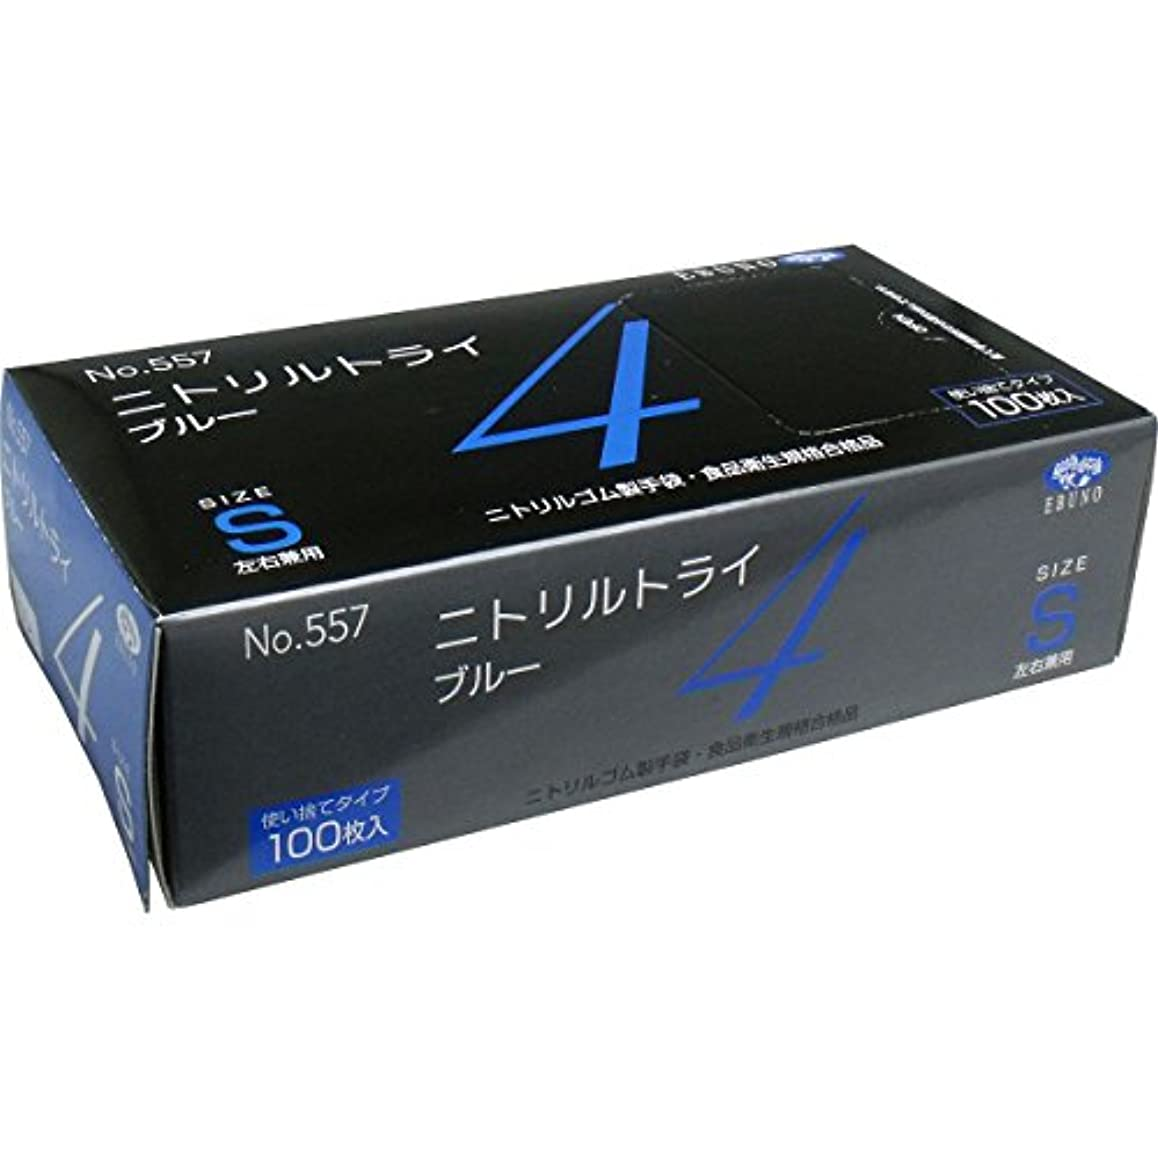 良性漏斗侵略ニトリルトライ4 №557 ブルー 粉付 Sサイズ 100枚入